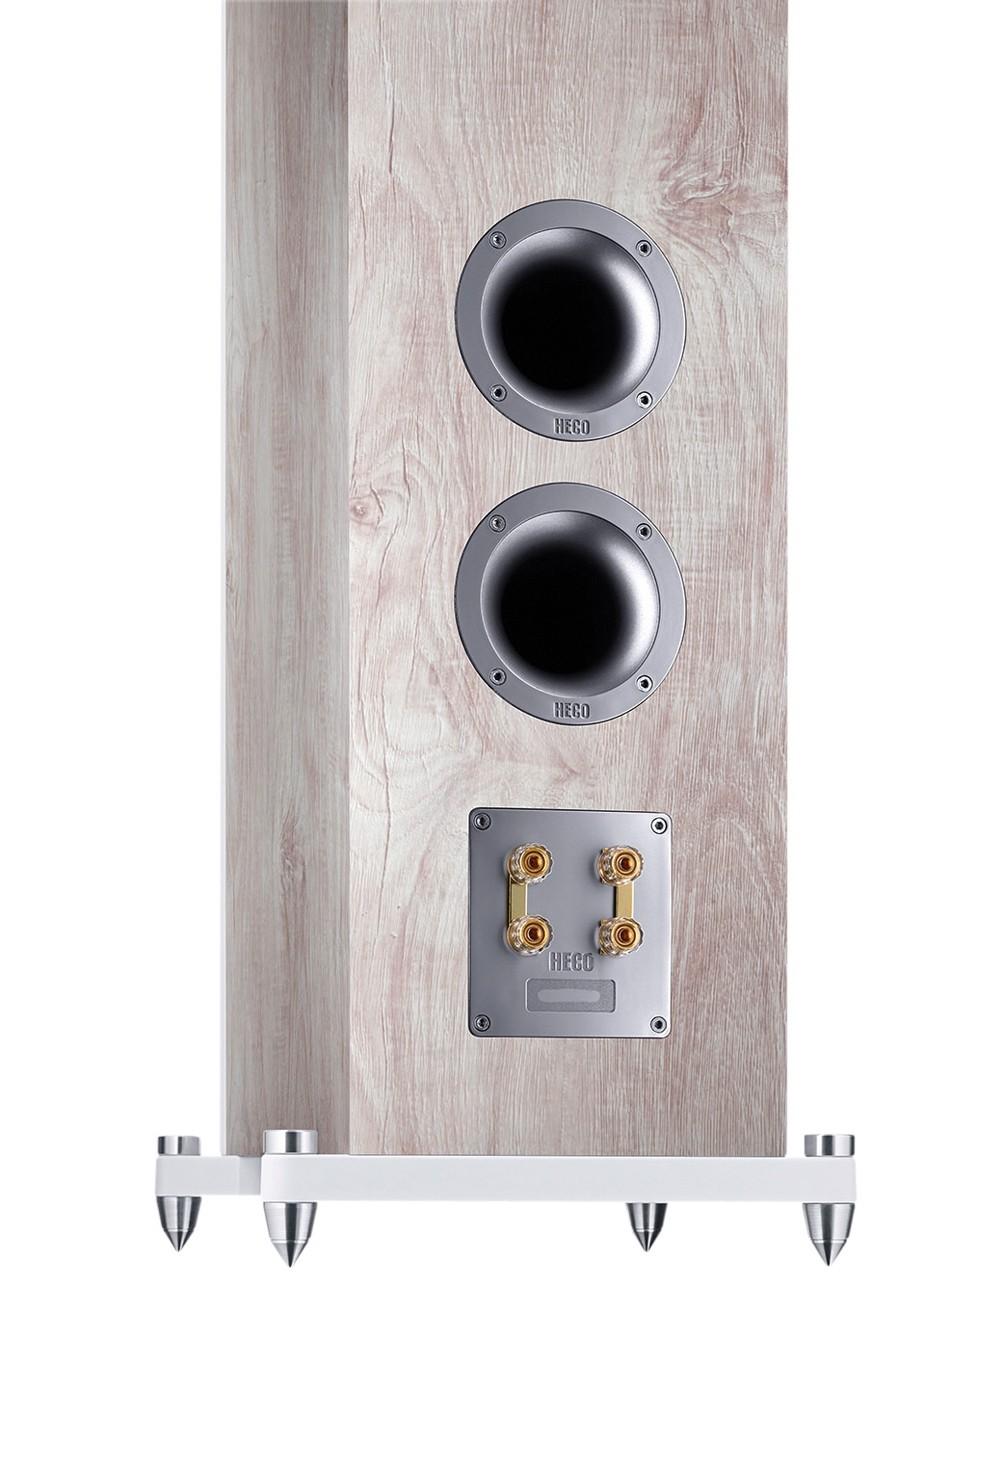 Lautsprecher Surround Heco Aurora 700 - 5.1-Set im Test, Bild 8